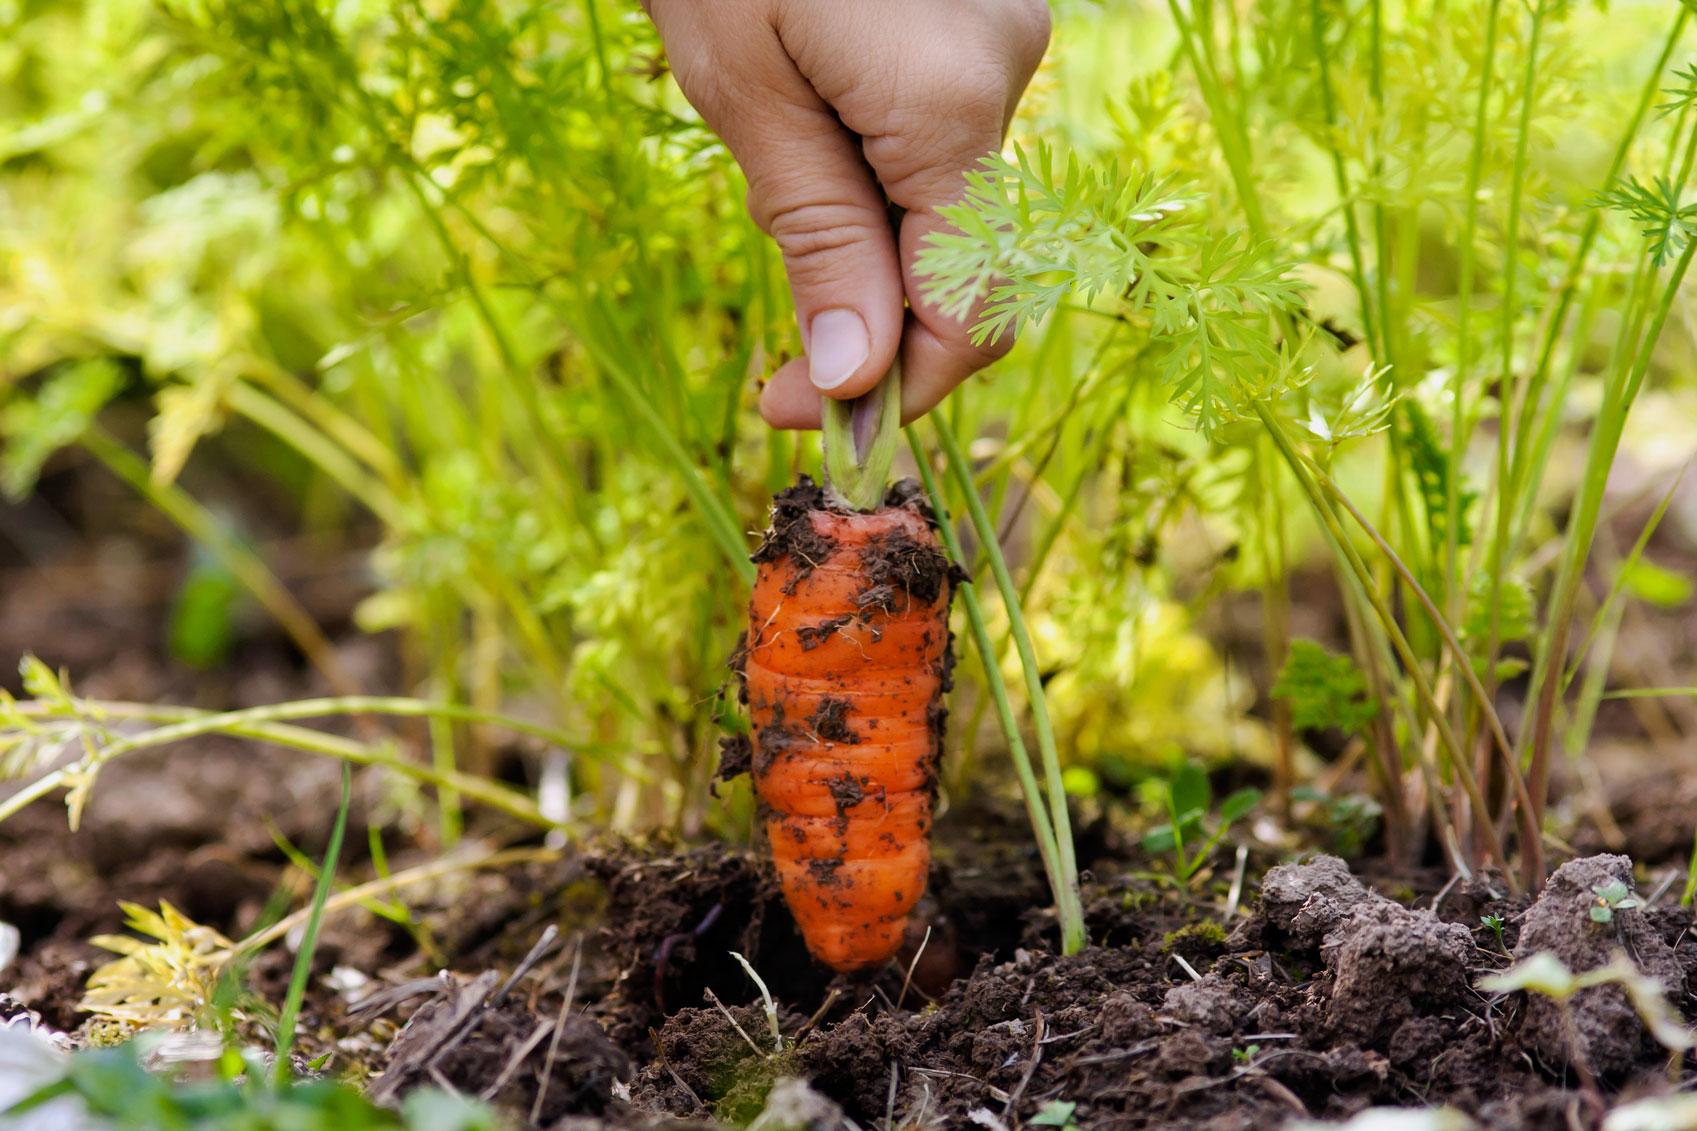 Выращиваем морковь правильно, чтобы получить хороший урожай